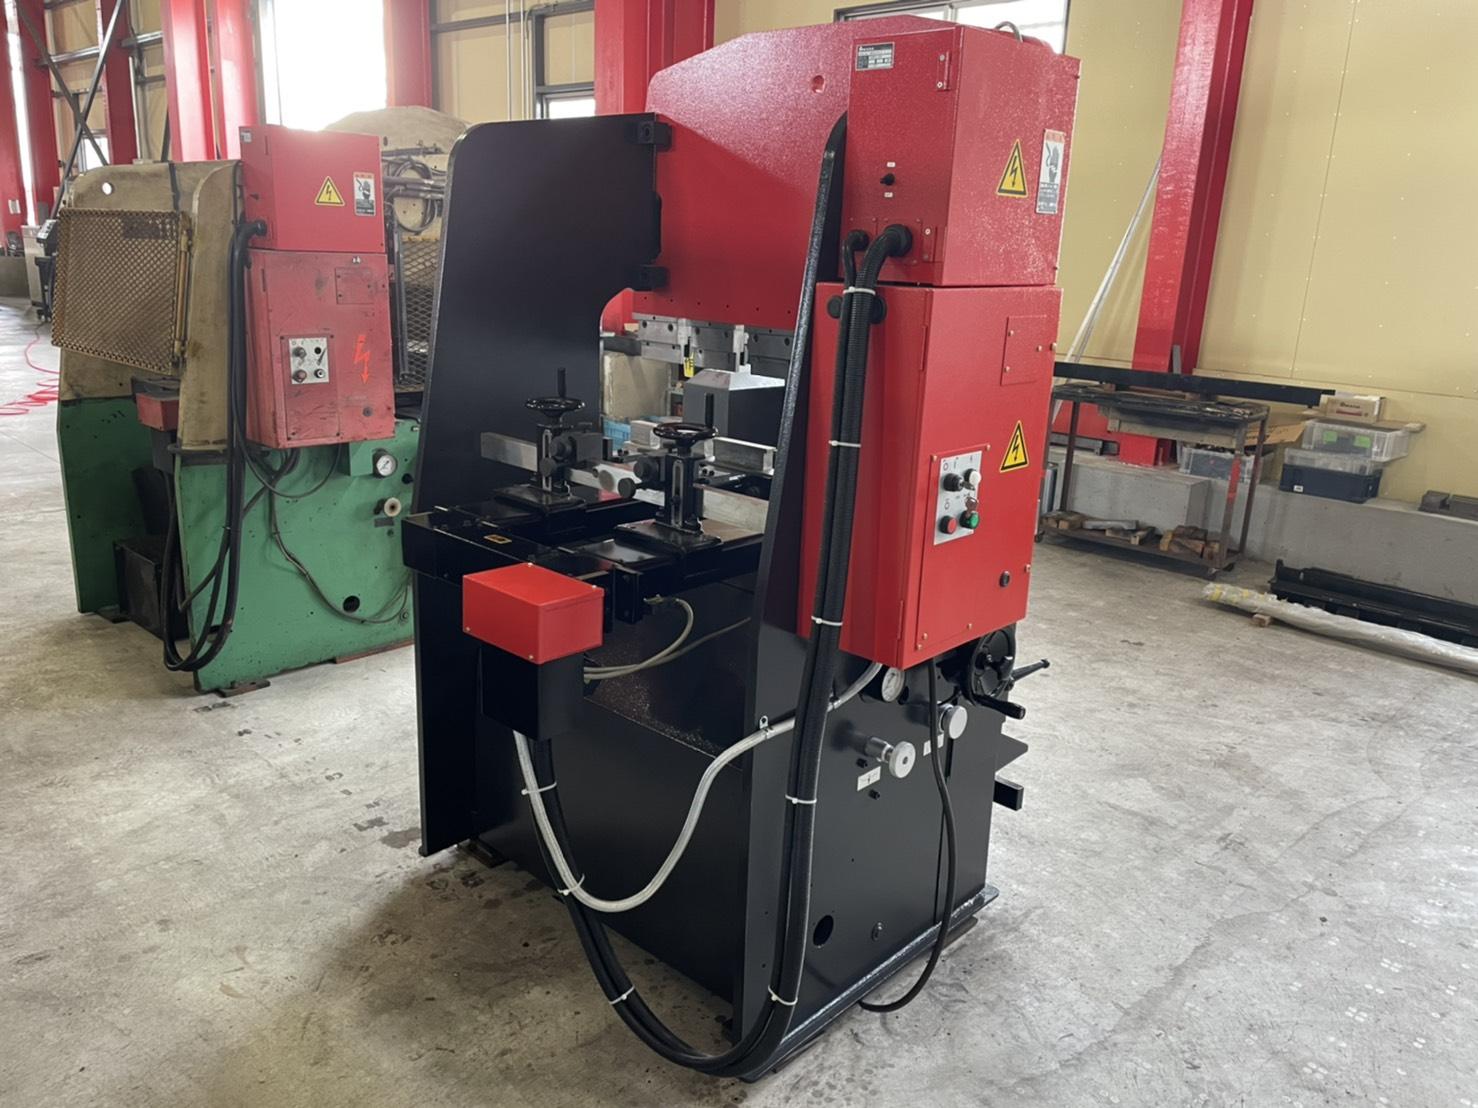 アマダ_RG-35S_1200mm油圧ベンダー